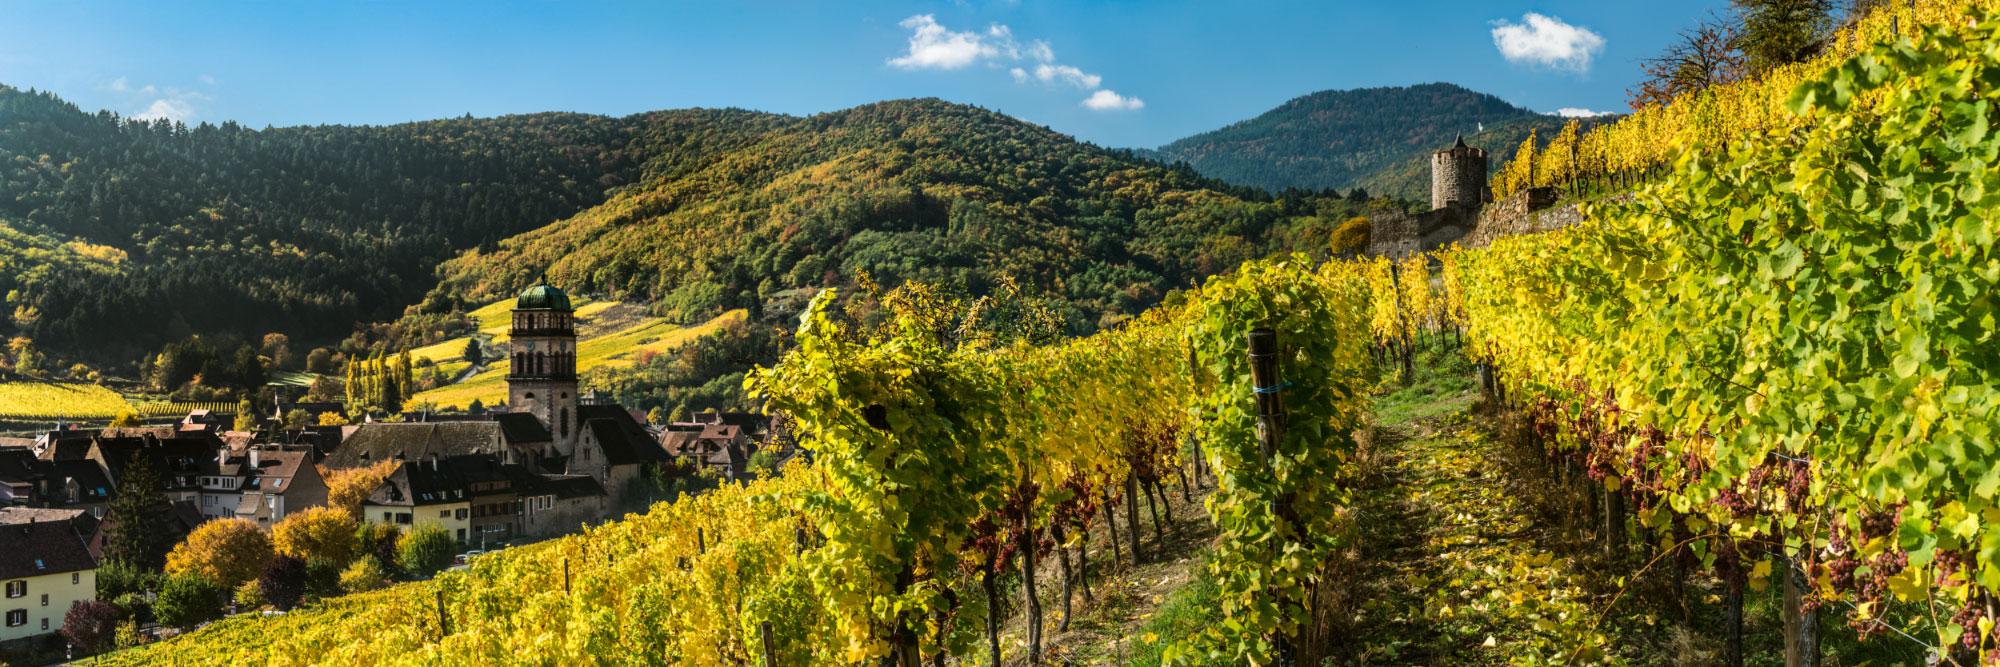 Vignoble de Kaysersberg dominé par son château, Vosges, Alsace